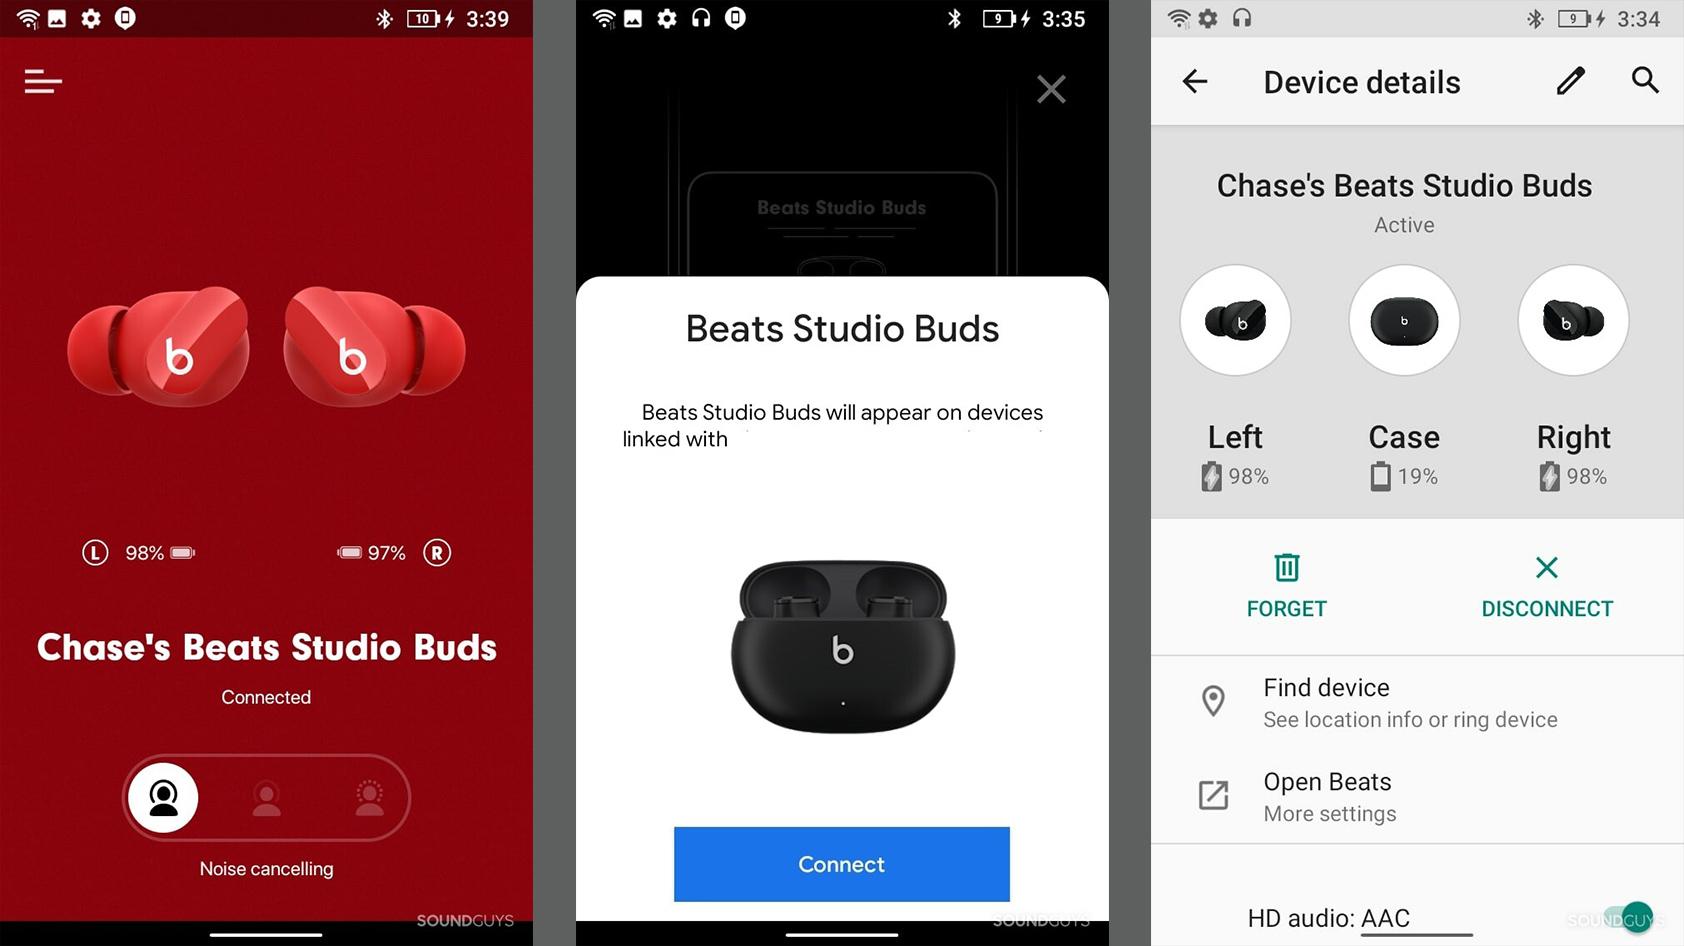 Ba ảnh chụp màn hình của ứng dụng Beats Android.